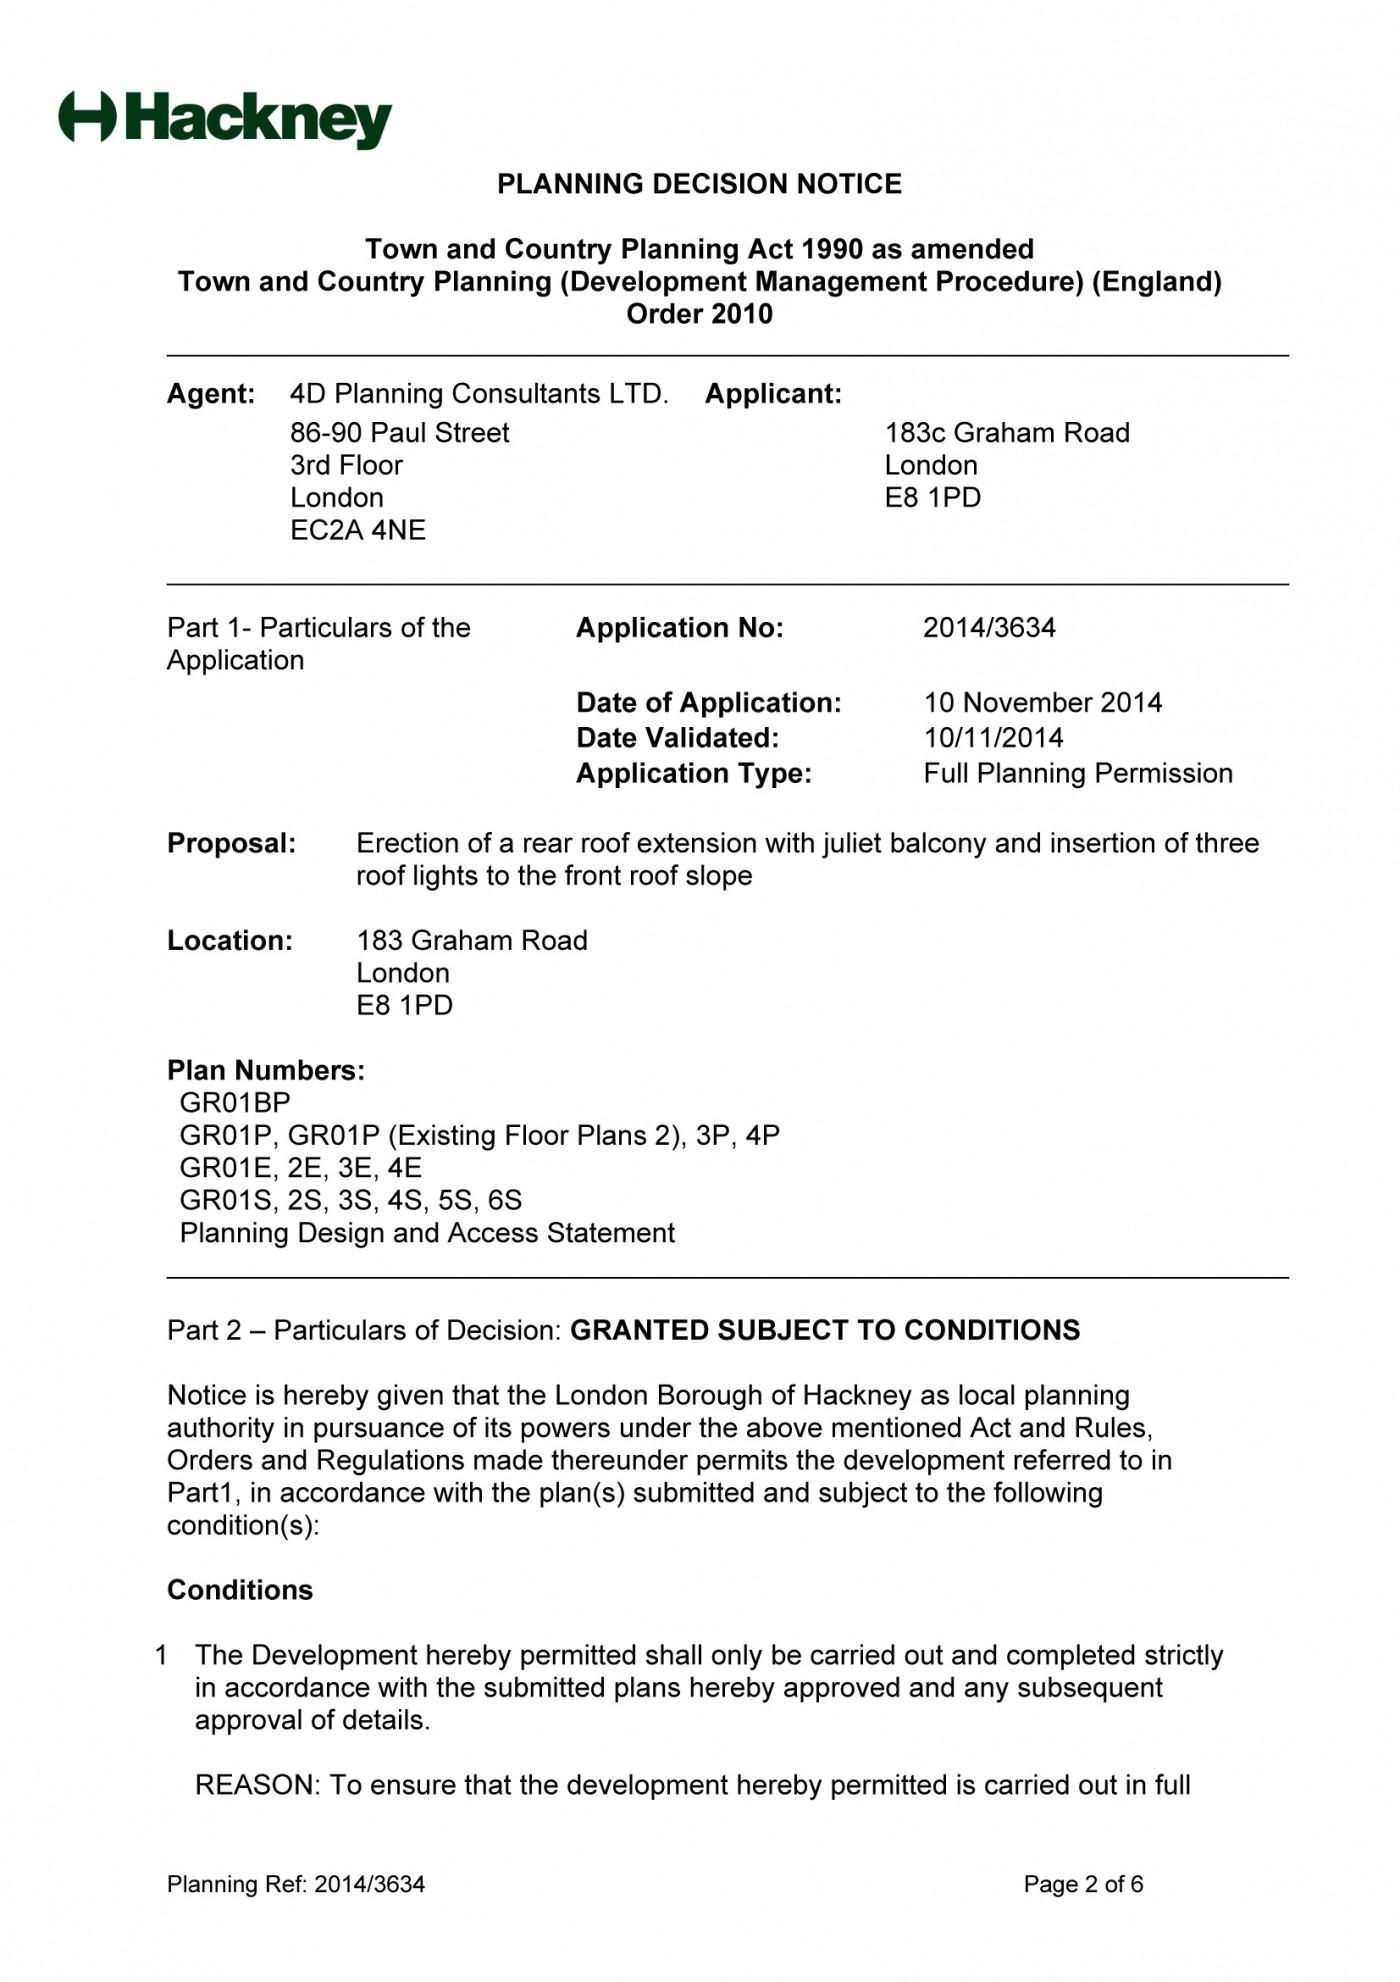 decision notice - Hackney Council